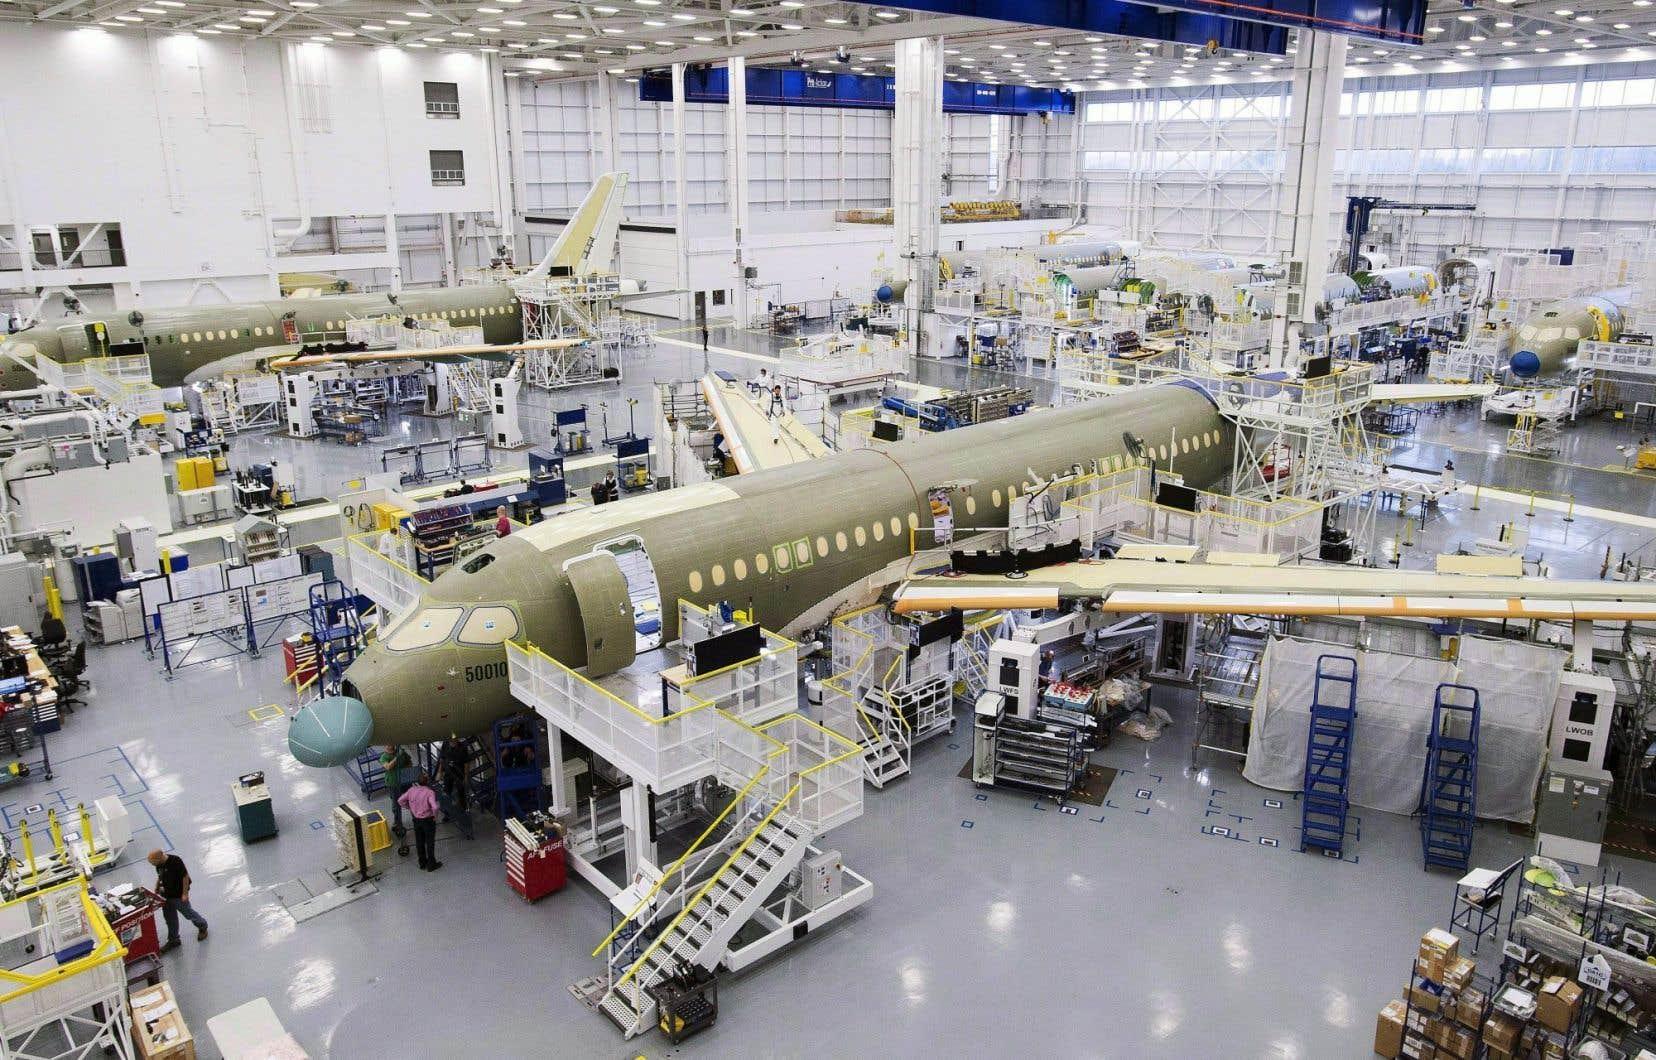 Bombardier a jusqu'ici deux commandes fermes pour des appareils CSeries (ci-dessus à l'assemblage). L'aide éventuelle d'Ottawa pourrait servir à développer le marché, a dit Philippe Couillard, en visite au salon d'aéronautique de Farnborough.